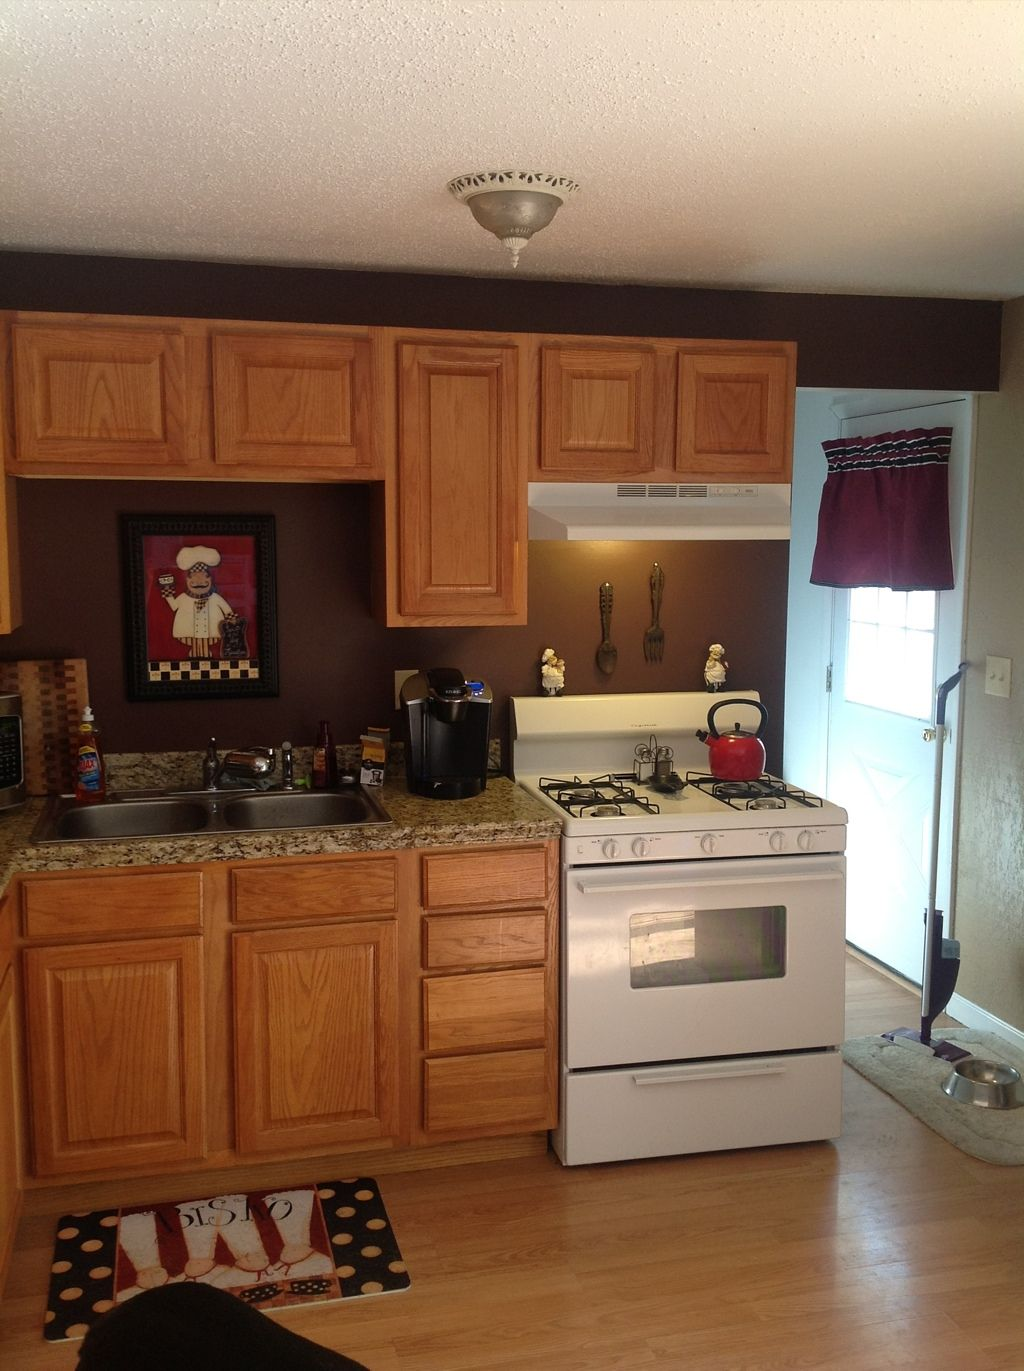 kitchen decor chef theme | kitchen decor design ideas